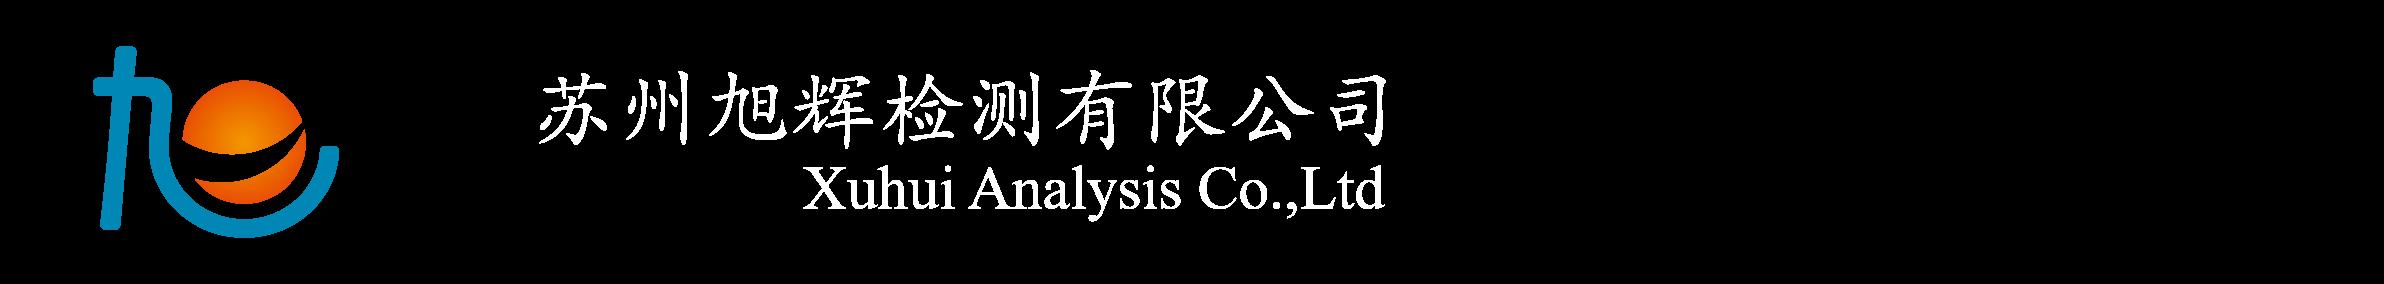 苏州旭辉检测有限公司